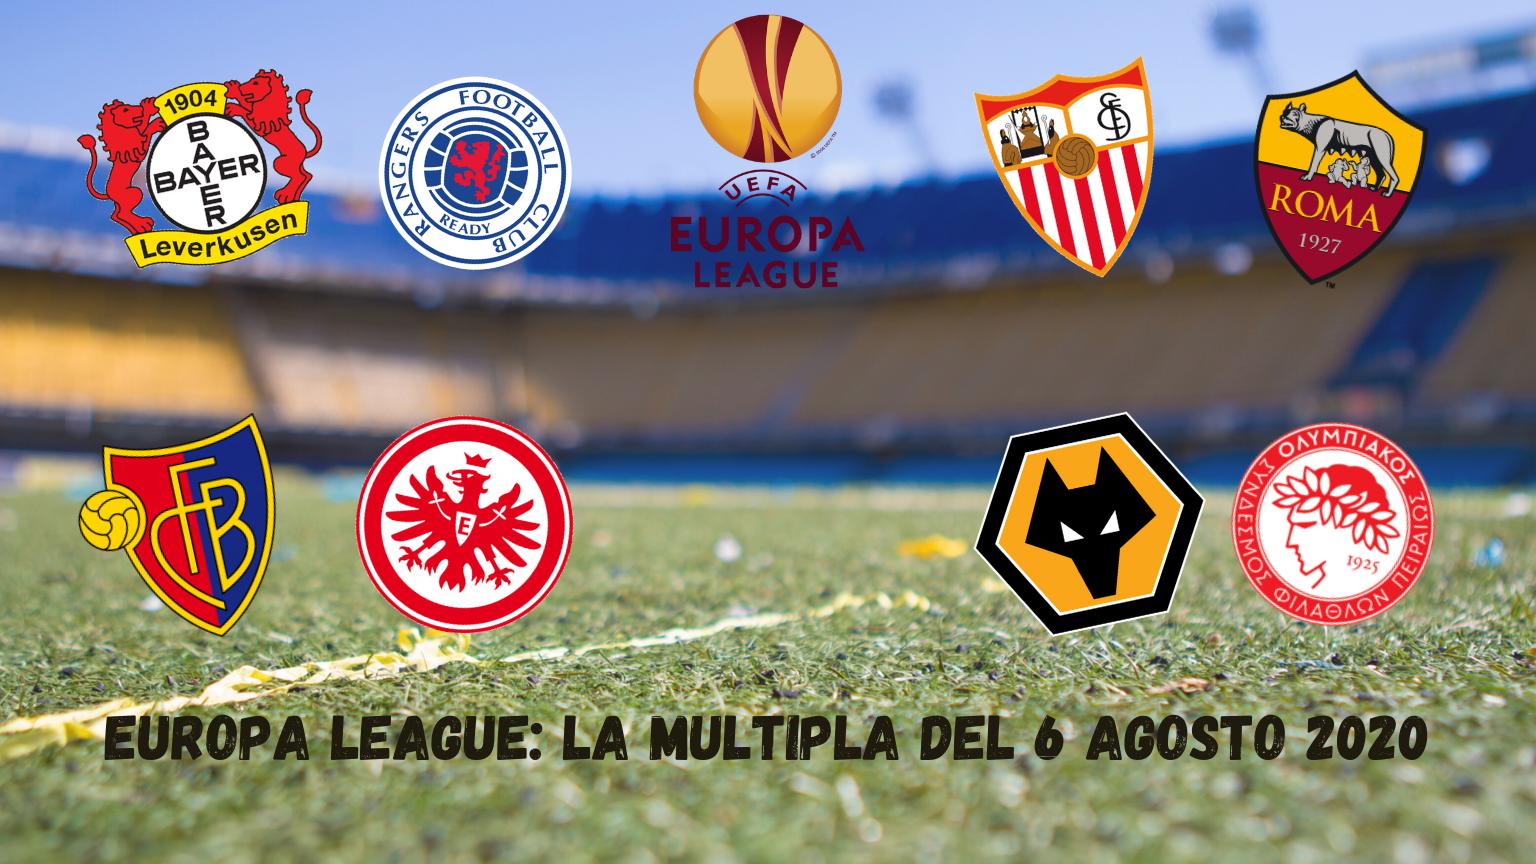 Pronostici Europa League: la Multipla del 6 agosto 2020